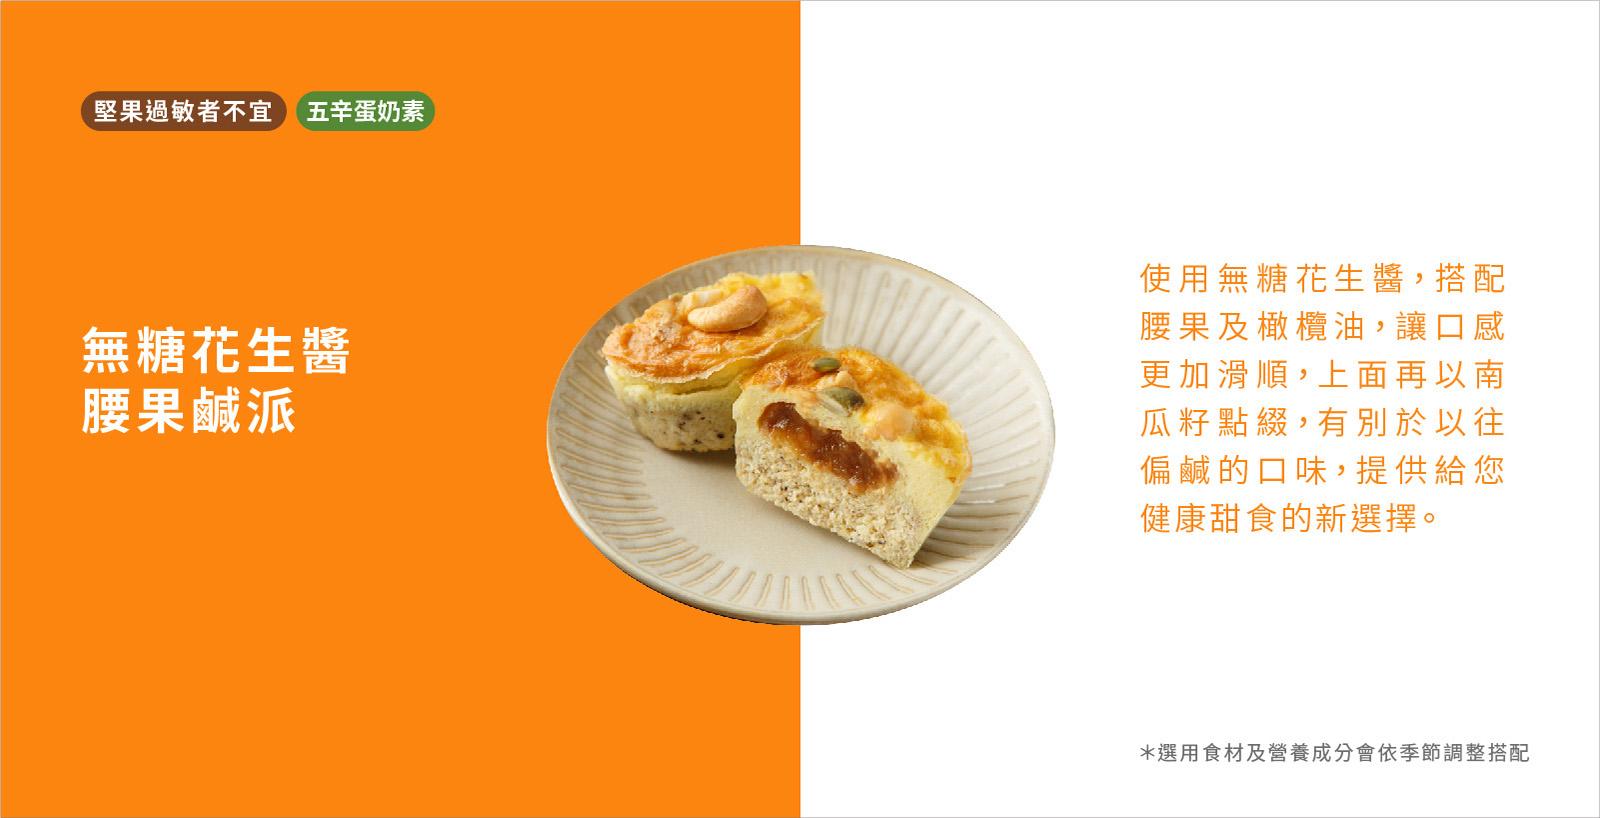 無糖花生醬腰果鹹派-鹹派簡介